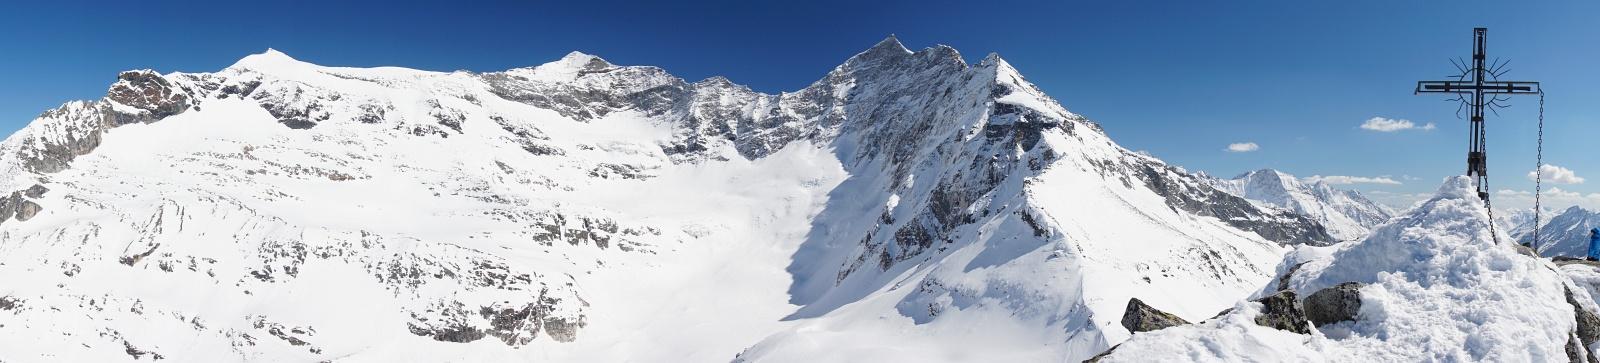 Beim Gipfelkreuz am Medelzkopf - umragt von imponierenden Dreitausendern der Glocknergruppe